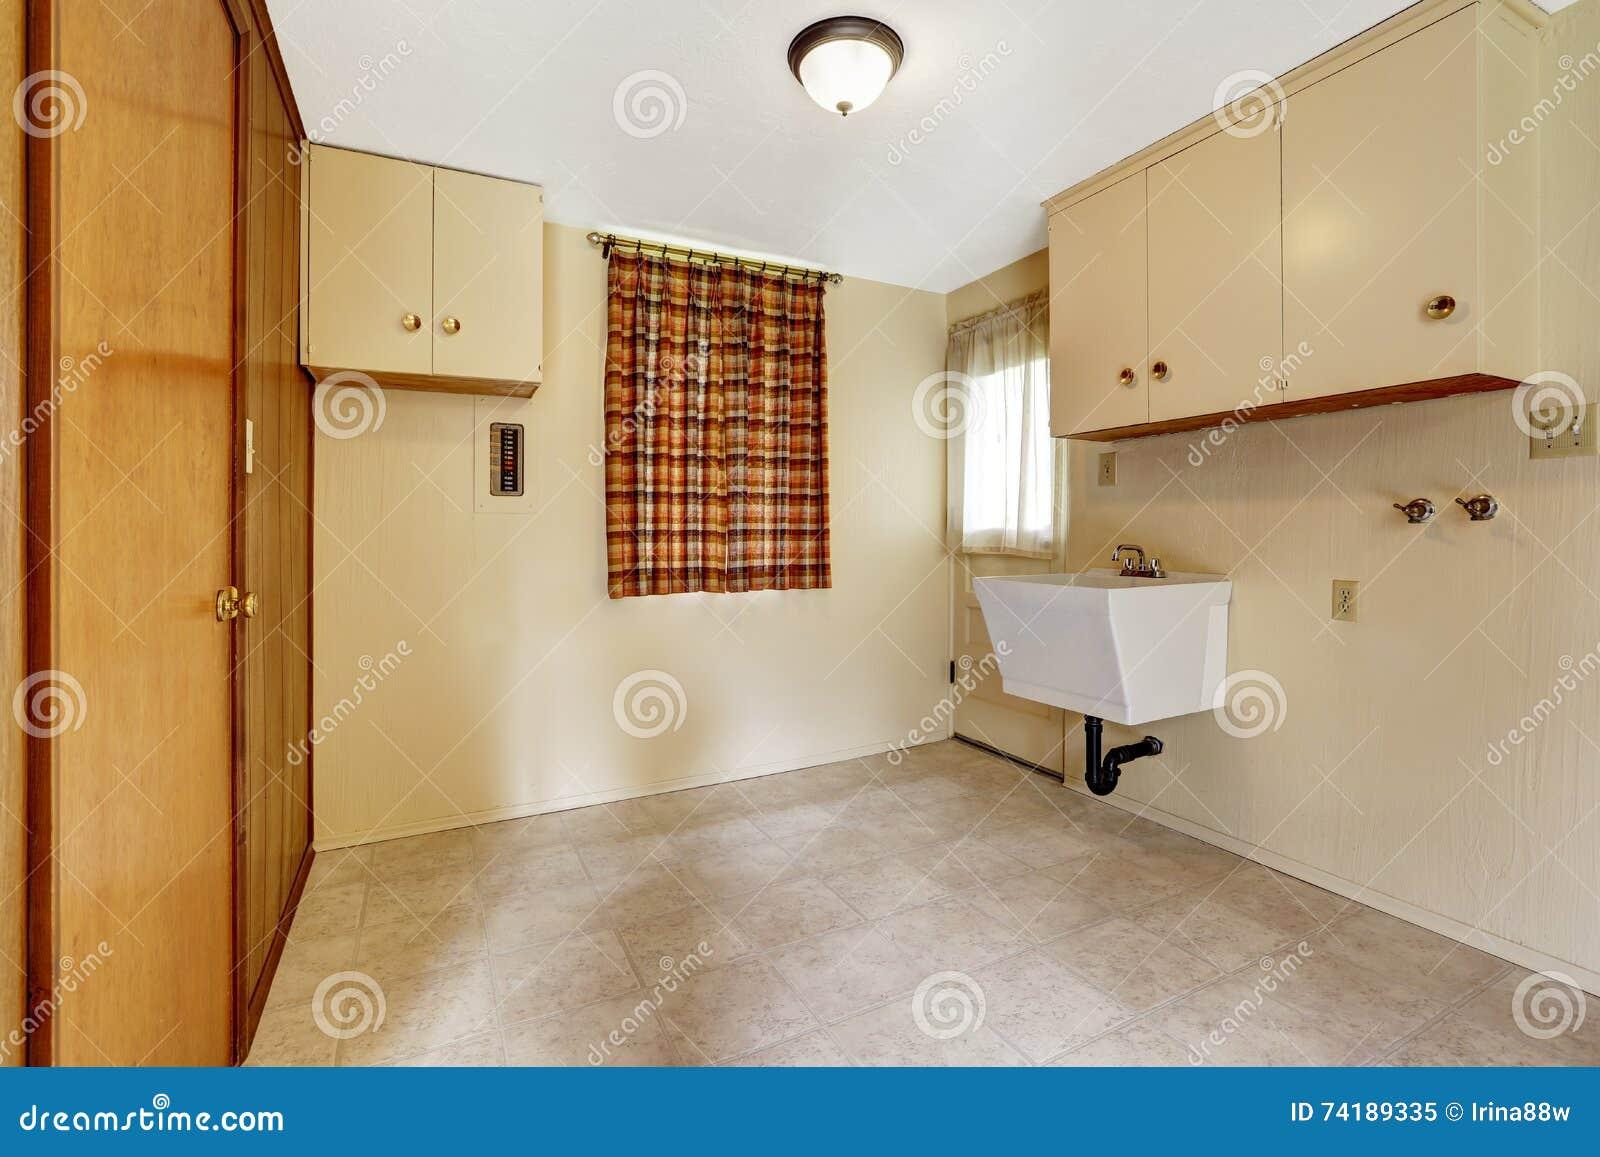 Stanza di lavanderia con le pareti e la pavimentazione in piastrelle beige ammobiliato di gabinetti e di guardaroba incorporato